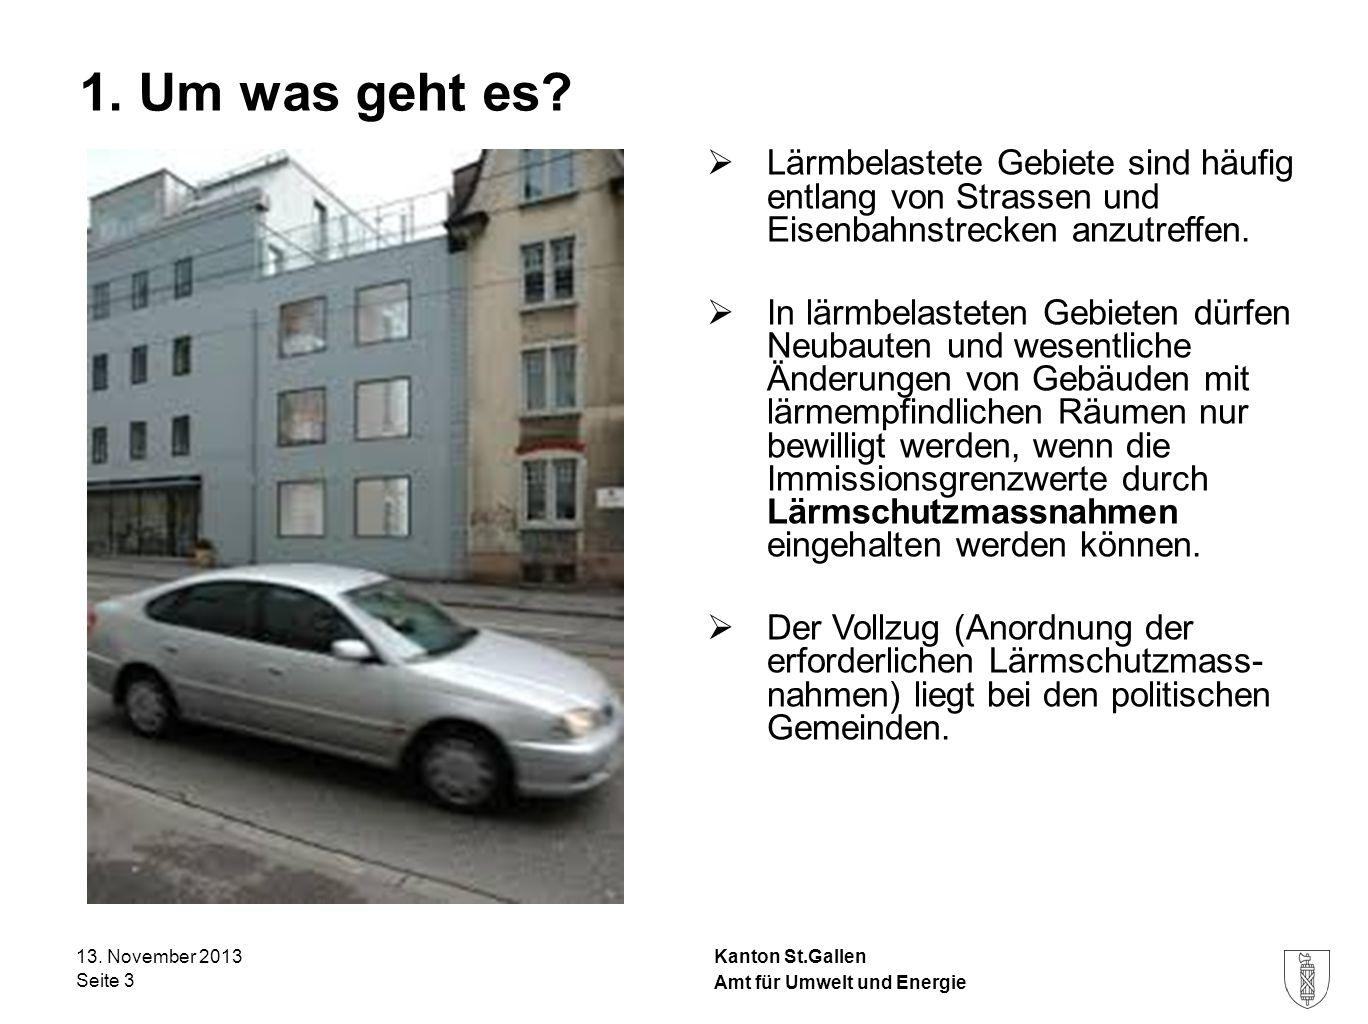 Kanton St.Gallen 1. Um was geht es? Lärmbelastete Gebiete sind häufig entlang von Strassen und Eisenbahnstrecken anzutreffen. In lärmbelasteten Gebiet